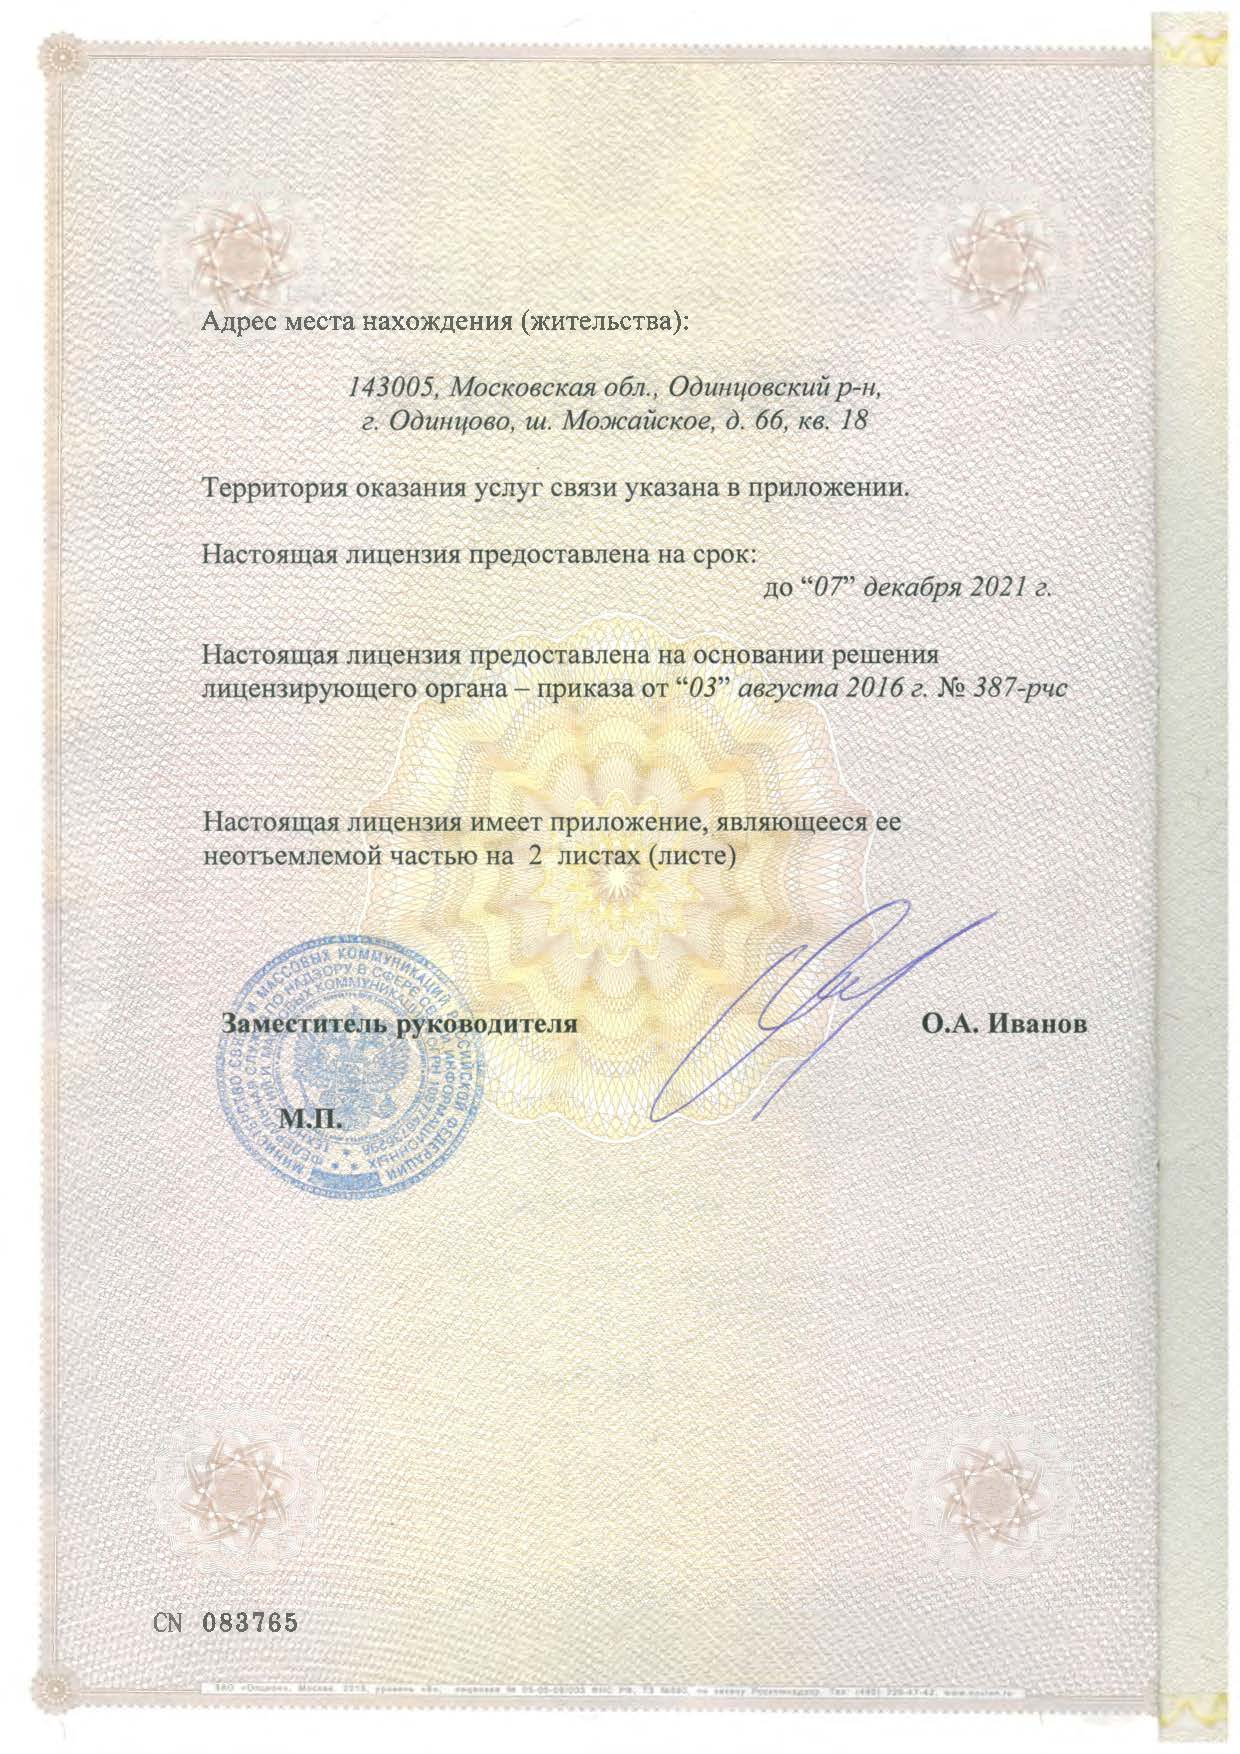 Лицензия на оказание телематических услуг связи №146739 выдана 07.12.2016г.